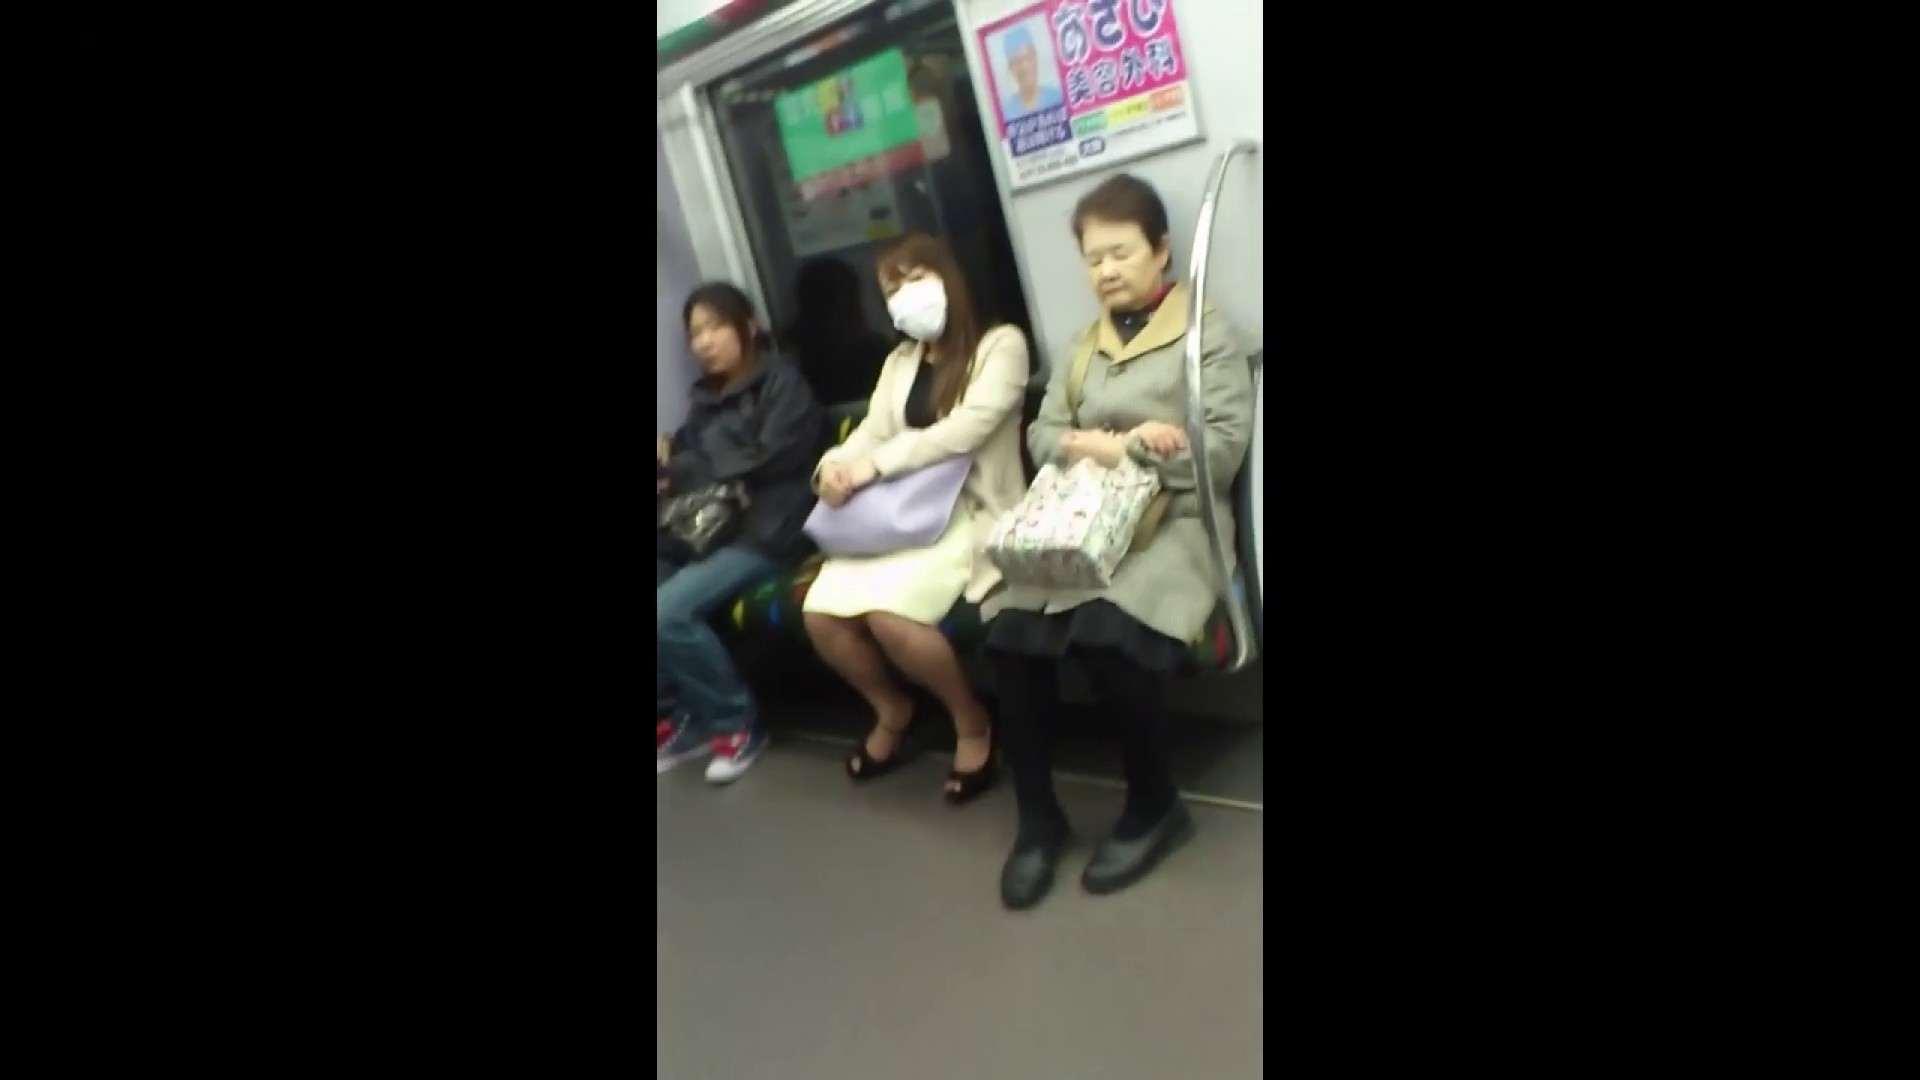 盗撮列車 Vol.55 黄色の爽やかなスカートが大好きです。 パンチラ・ギャル  53画像 30